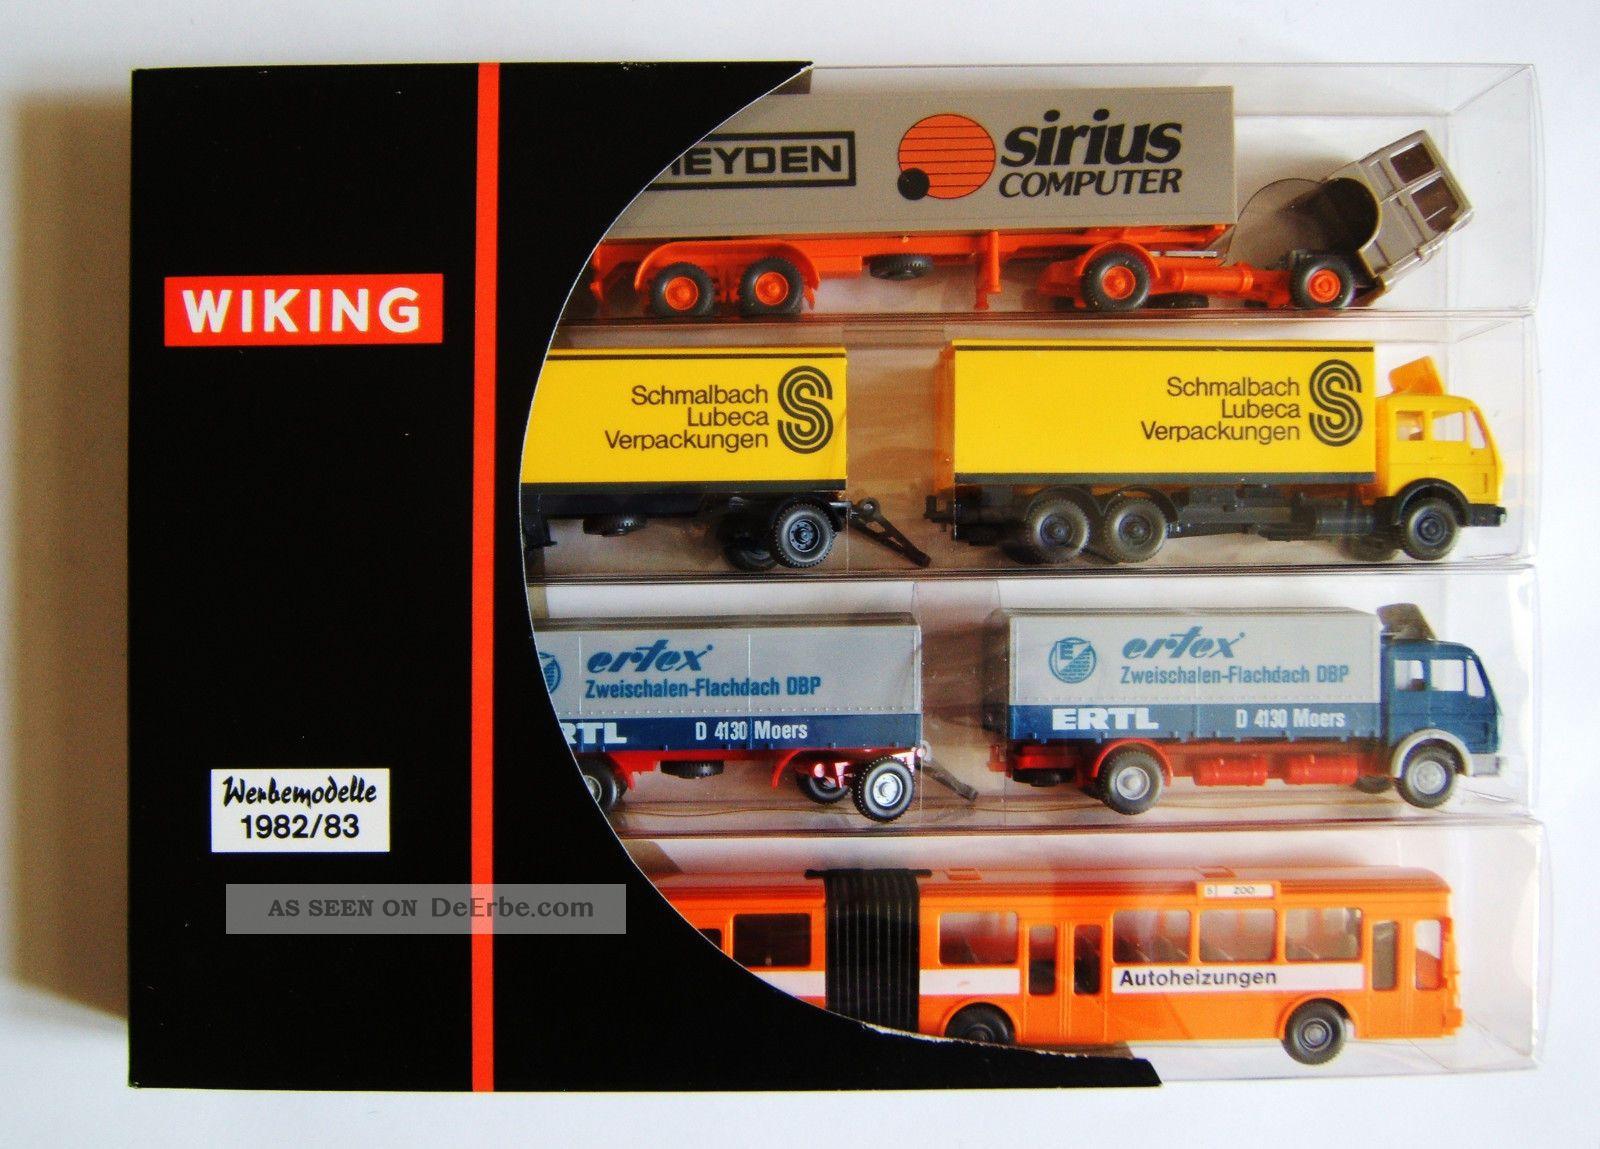 Wiking Werbemodelle 1982 83,  Nr 198302,  Sattelschlepper,  2 Lkw Mit Anhänger,  Bus Nutz- & Transportfahrzeuge Bild